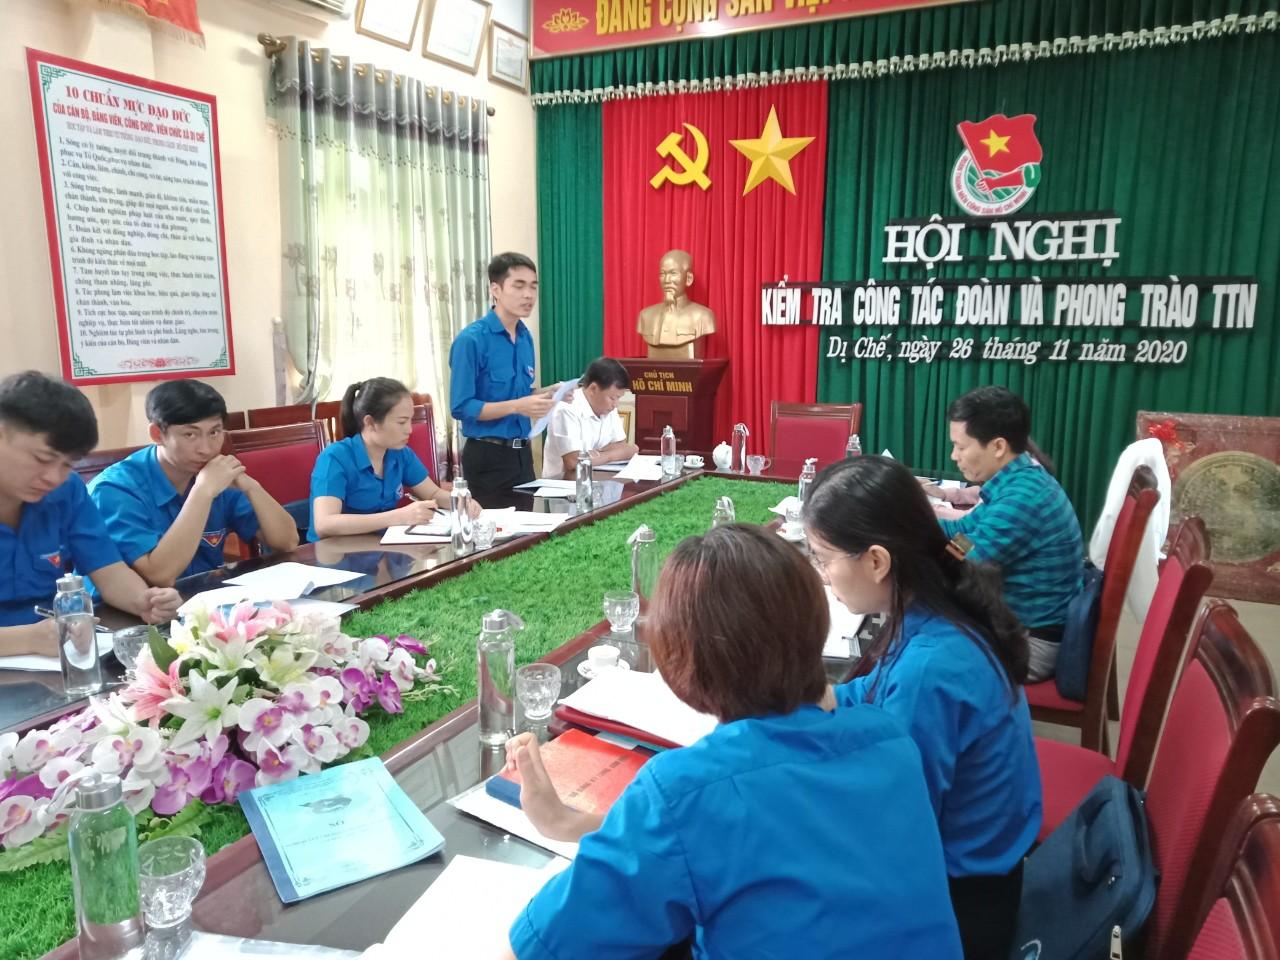 Tỉnh đoàn kiểm tra công tác Đoàn, phong trào thanh thiếu nhi năm 2020